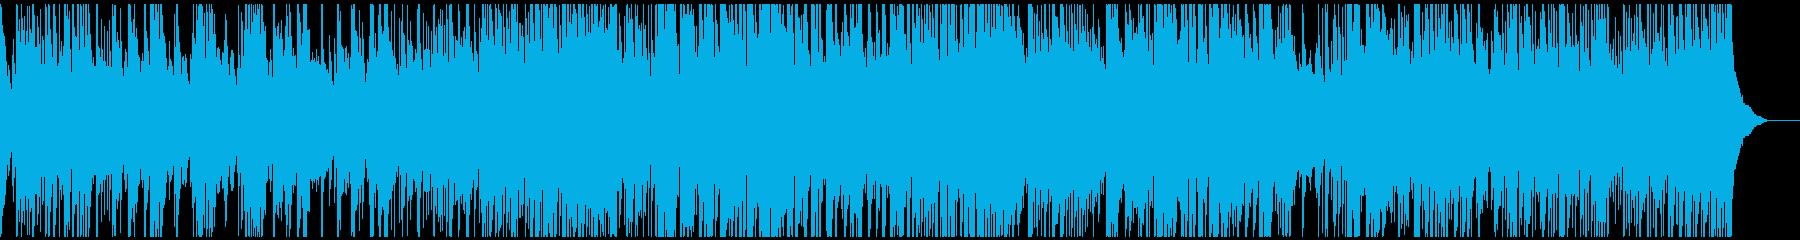 【生演奏】アコースティックなケルト風音楽の再生済みの波形